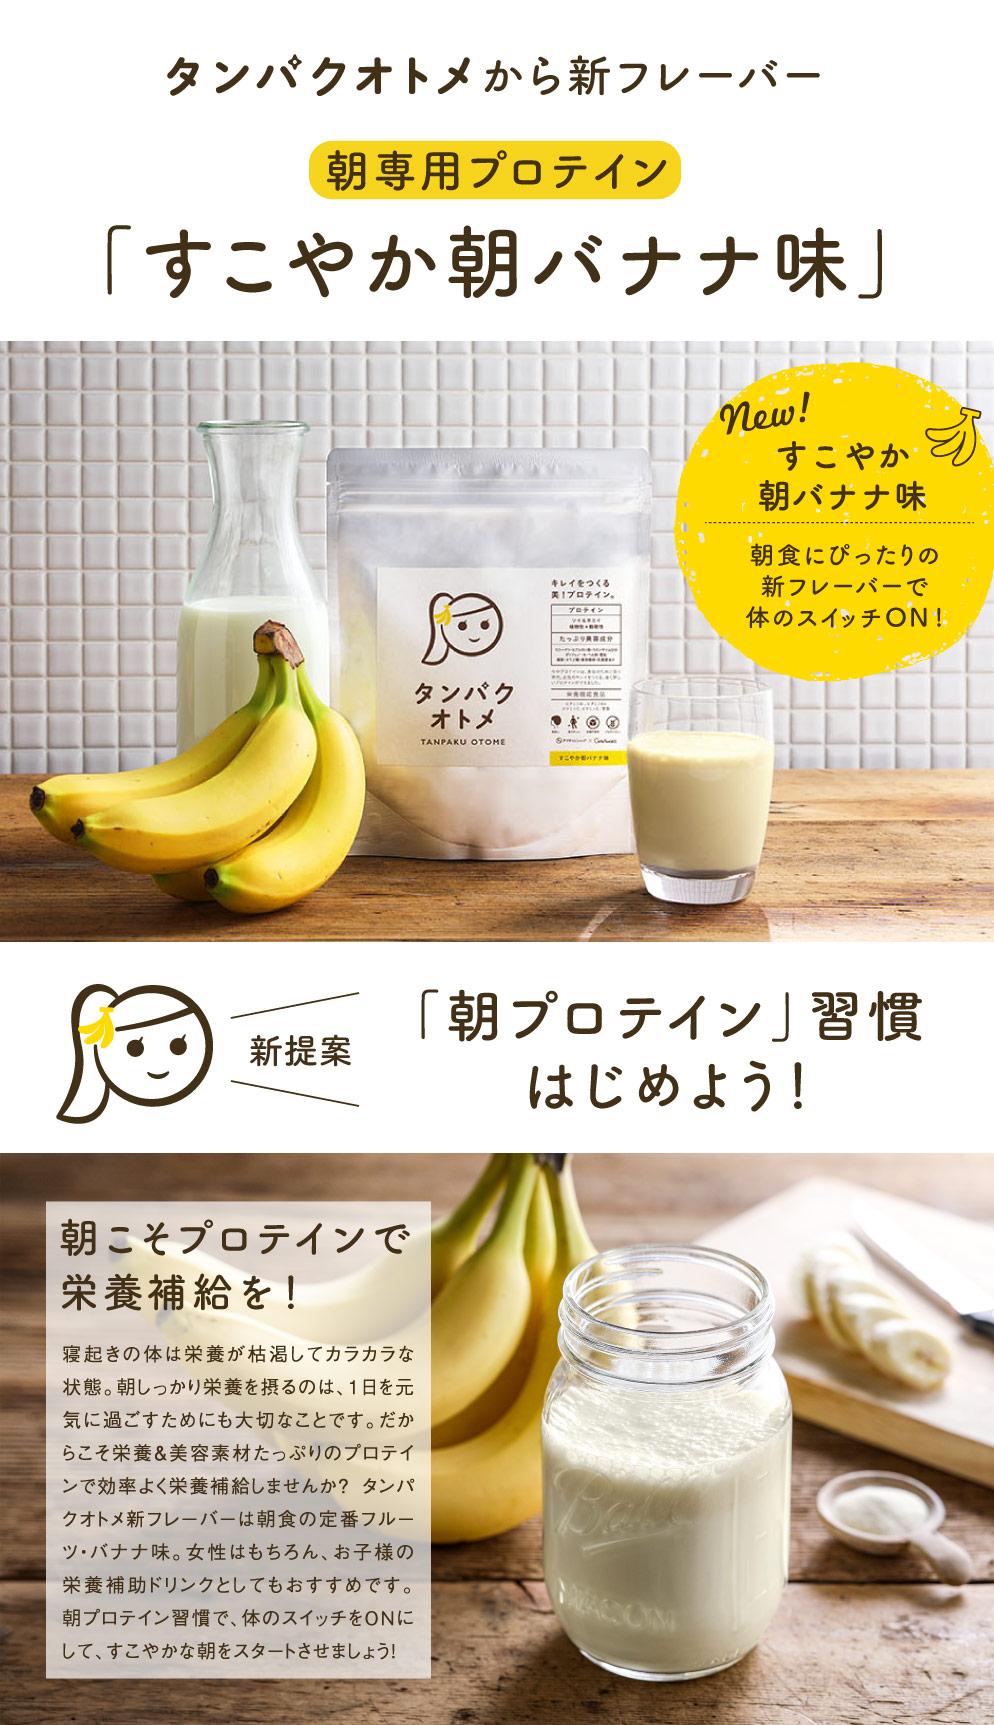 すこやか朝バナナ味